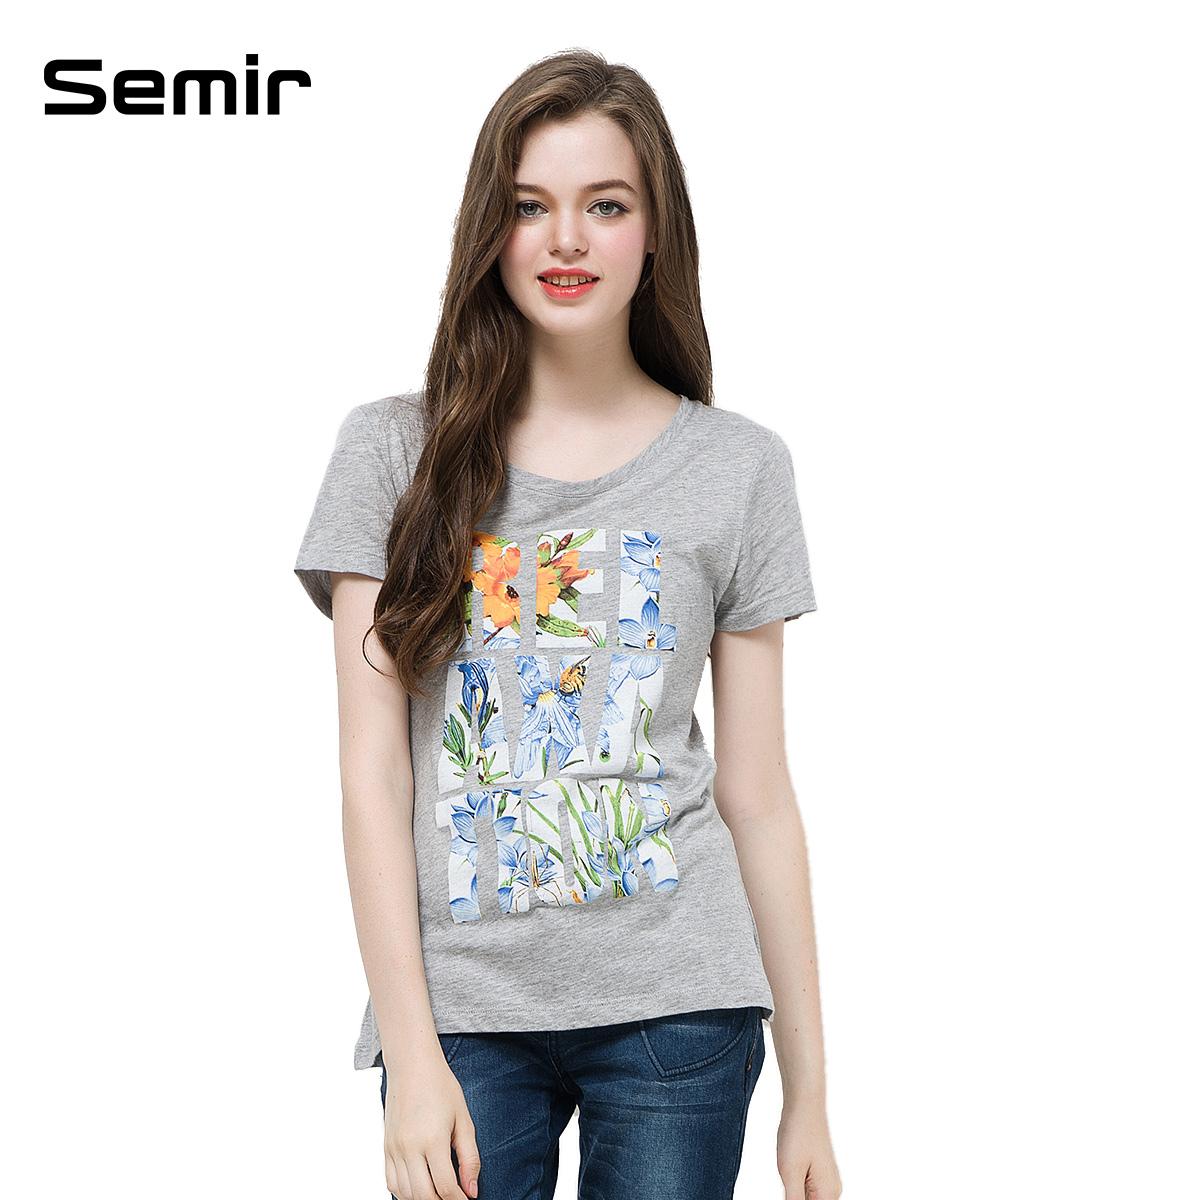 森马2014夏装新款 创意植物字母印花圆领女短袖直筒t恤衫专柜款商品图